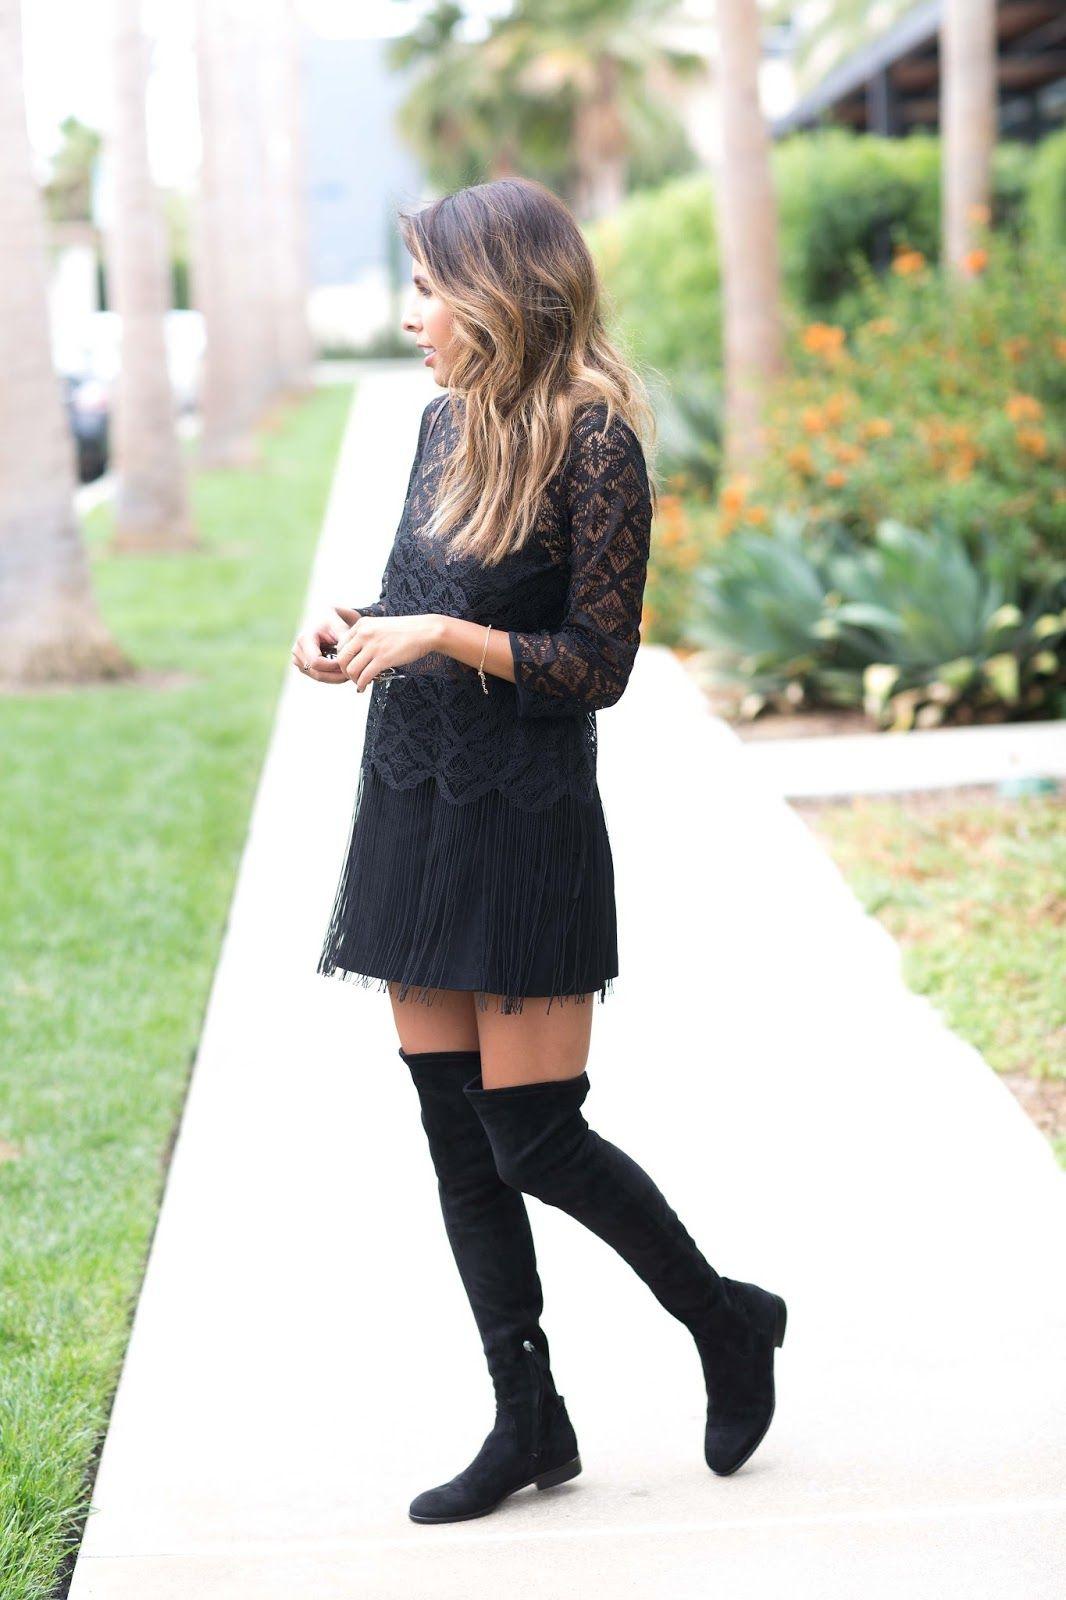 34++ Black thigh high boots ideas ideas